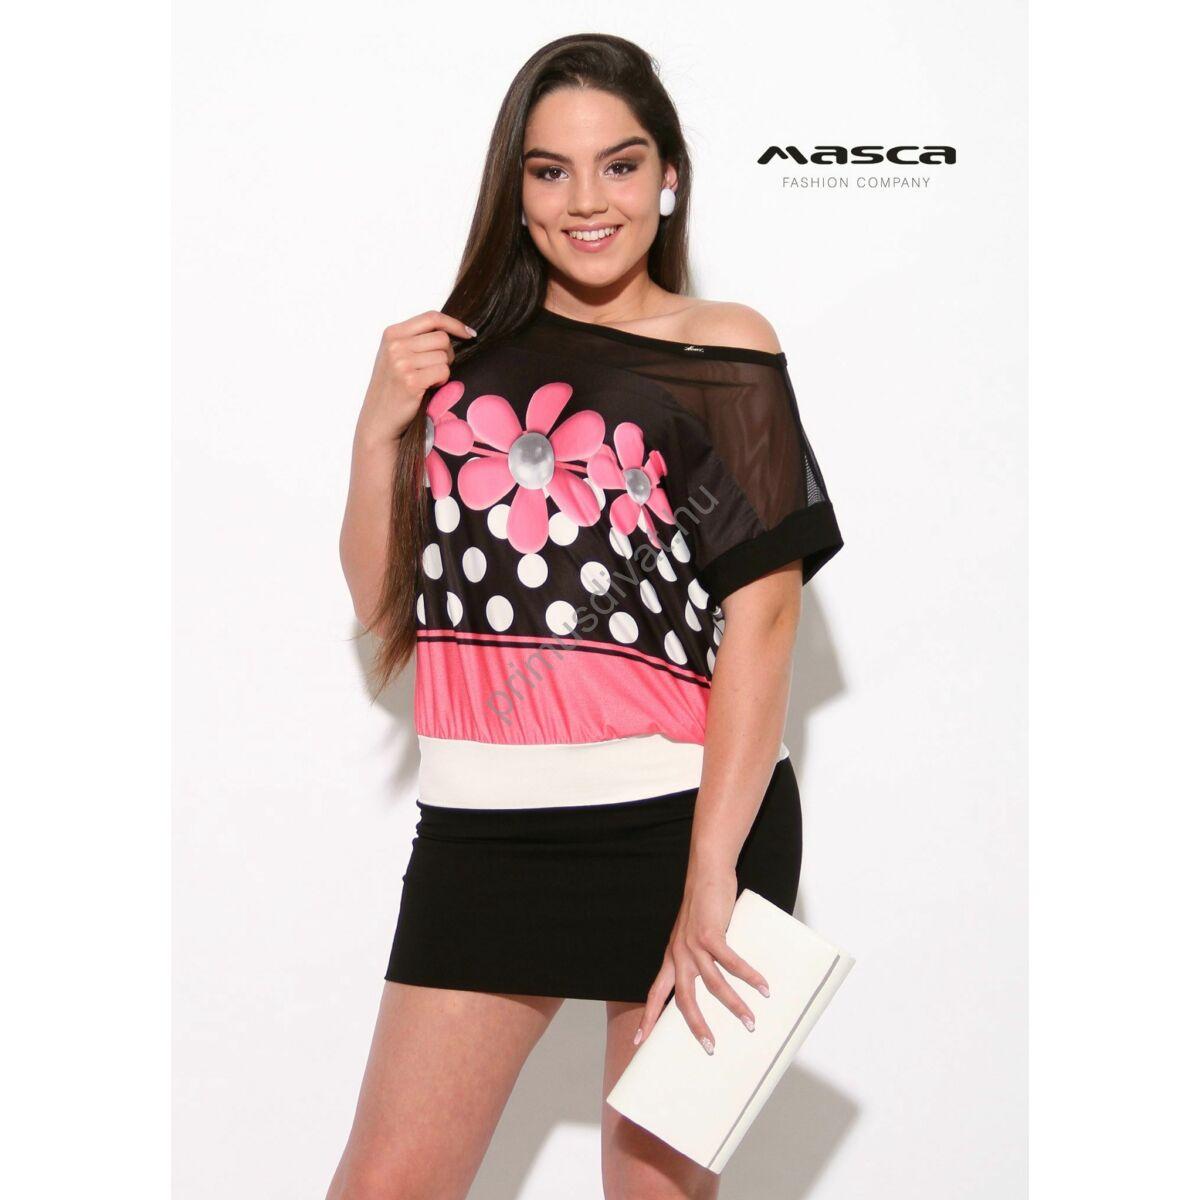 9030007636 Kép 1/1 - Masca Fashion muszlin betétes rövid ujjú pink virágmotívumos,  pöttyös fekete lezser tunika, miniruha